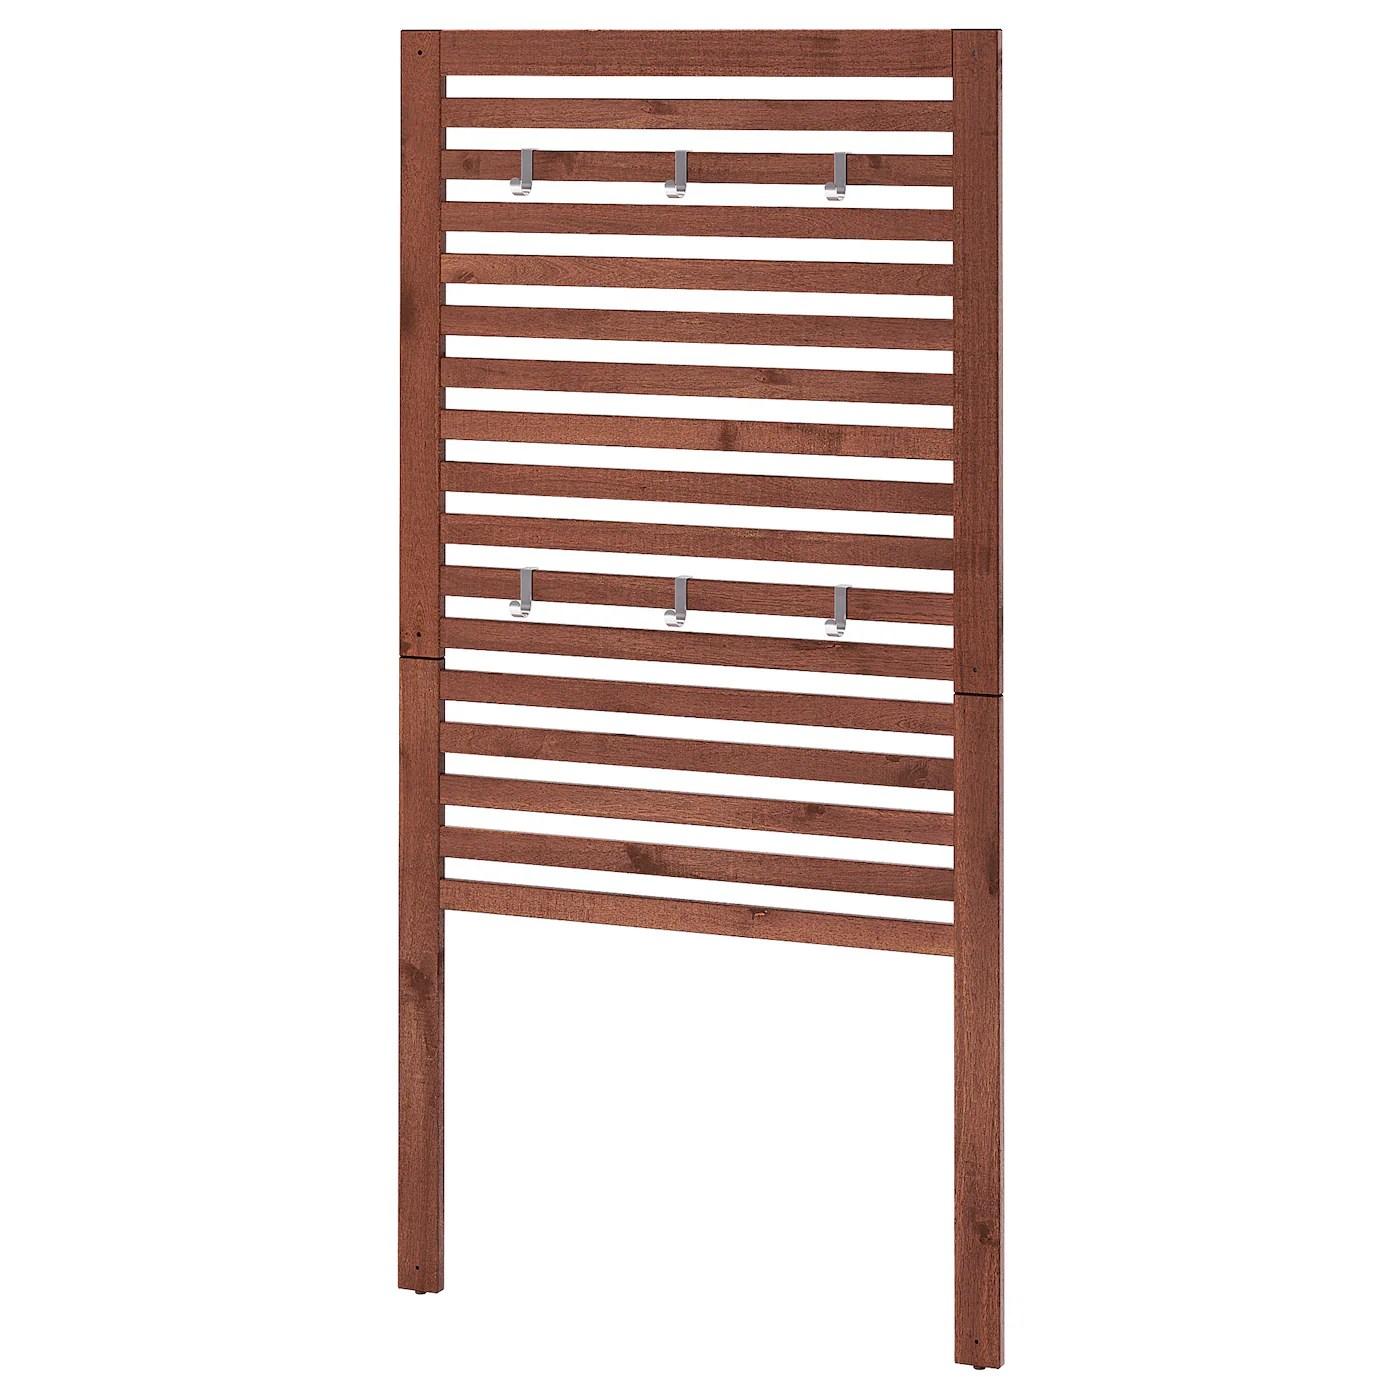 Tavole, pannelli in legno e cavalletti. Applaro Pannello Per Parete Da Esterno Marrone Mordente Marrone Ikea It